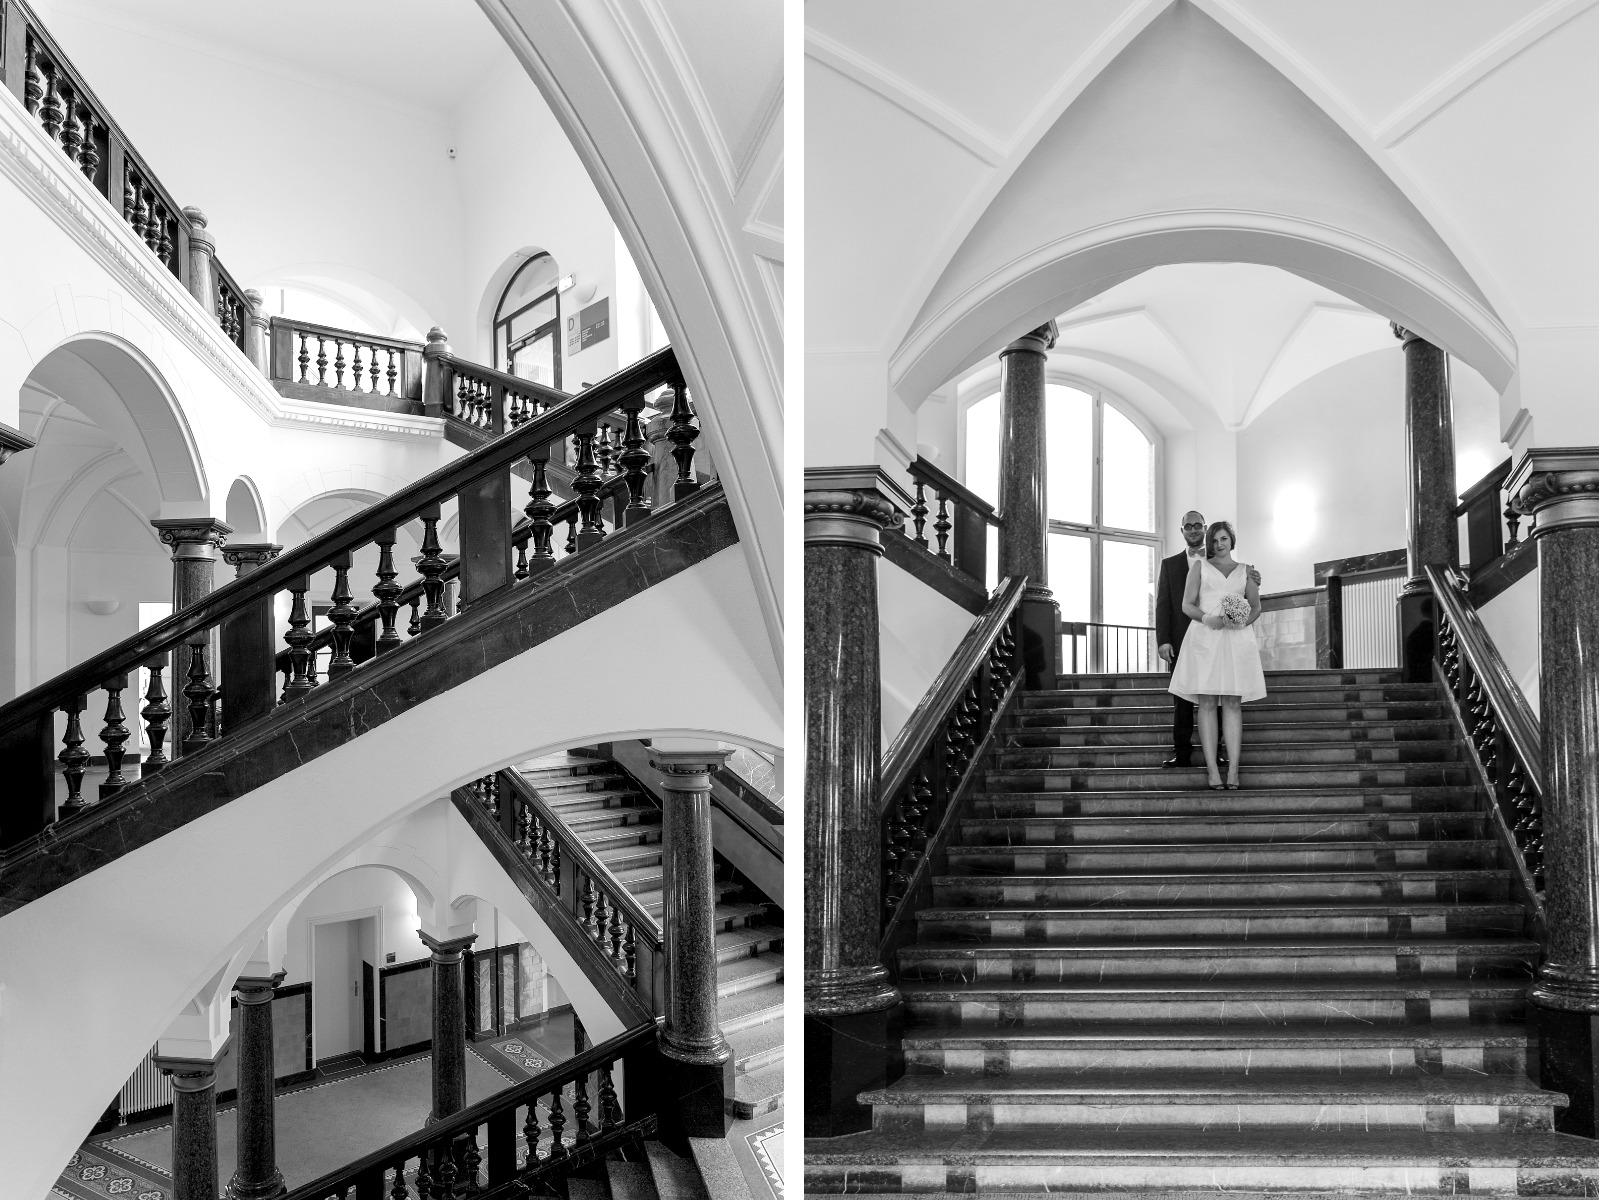 Monstergraphie_Hochzeitsreportage_Dortmund_Zeche_Zollern00.jpg?fit=1600%2C1200